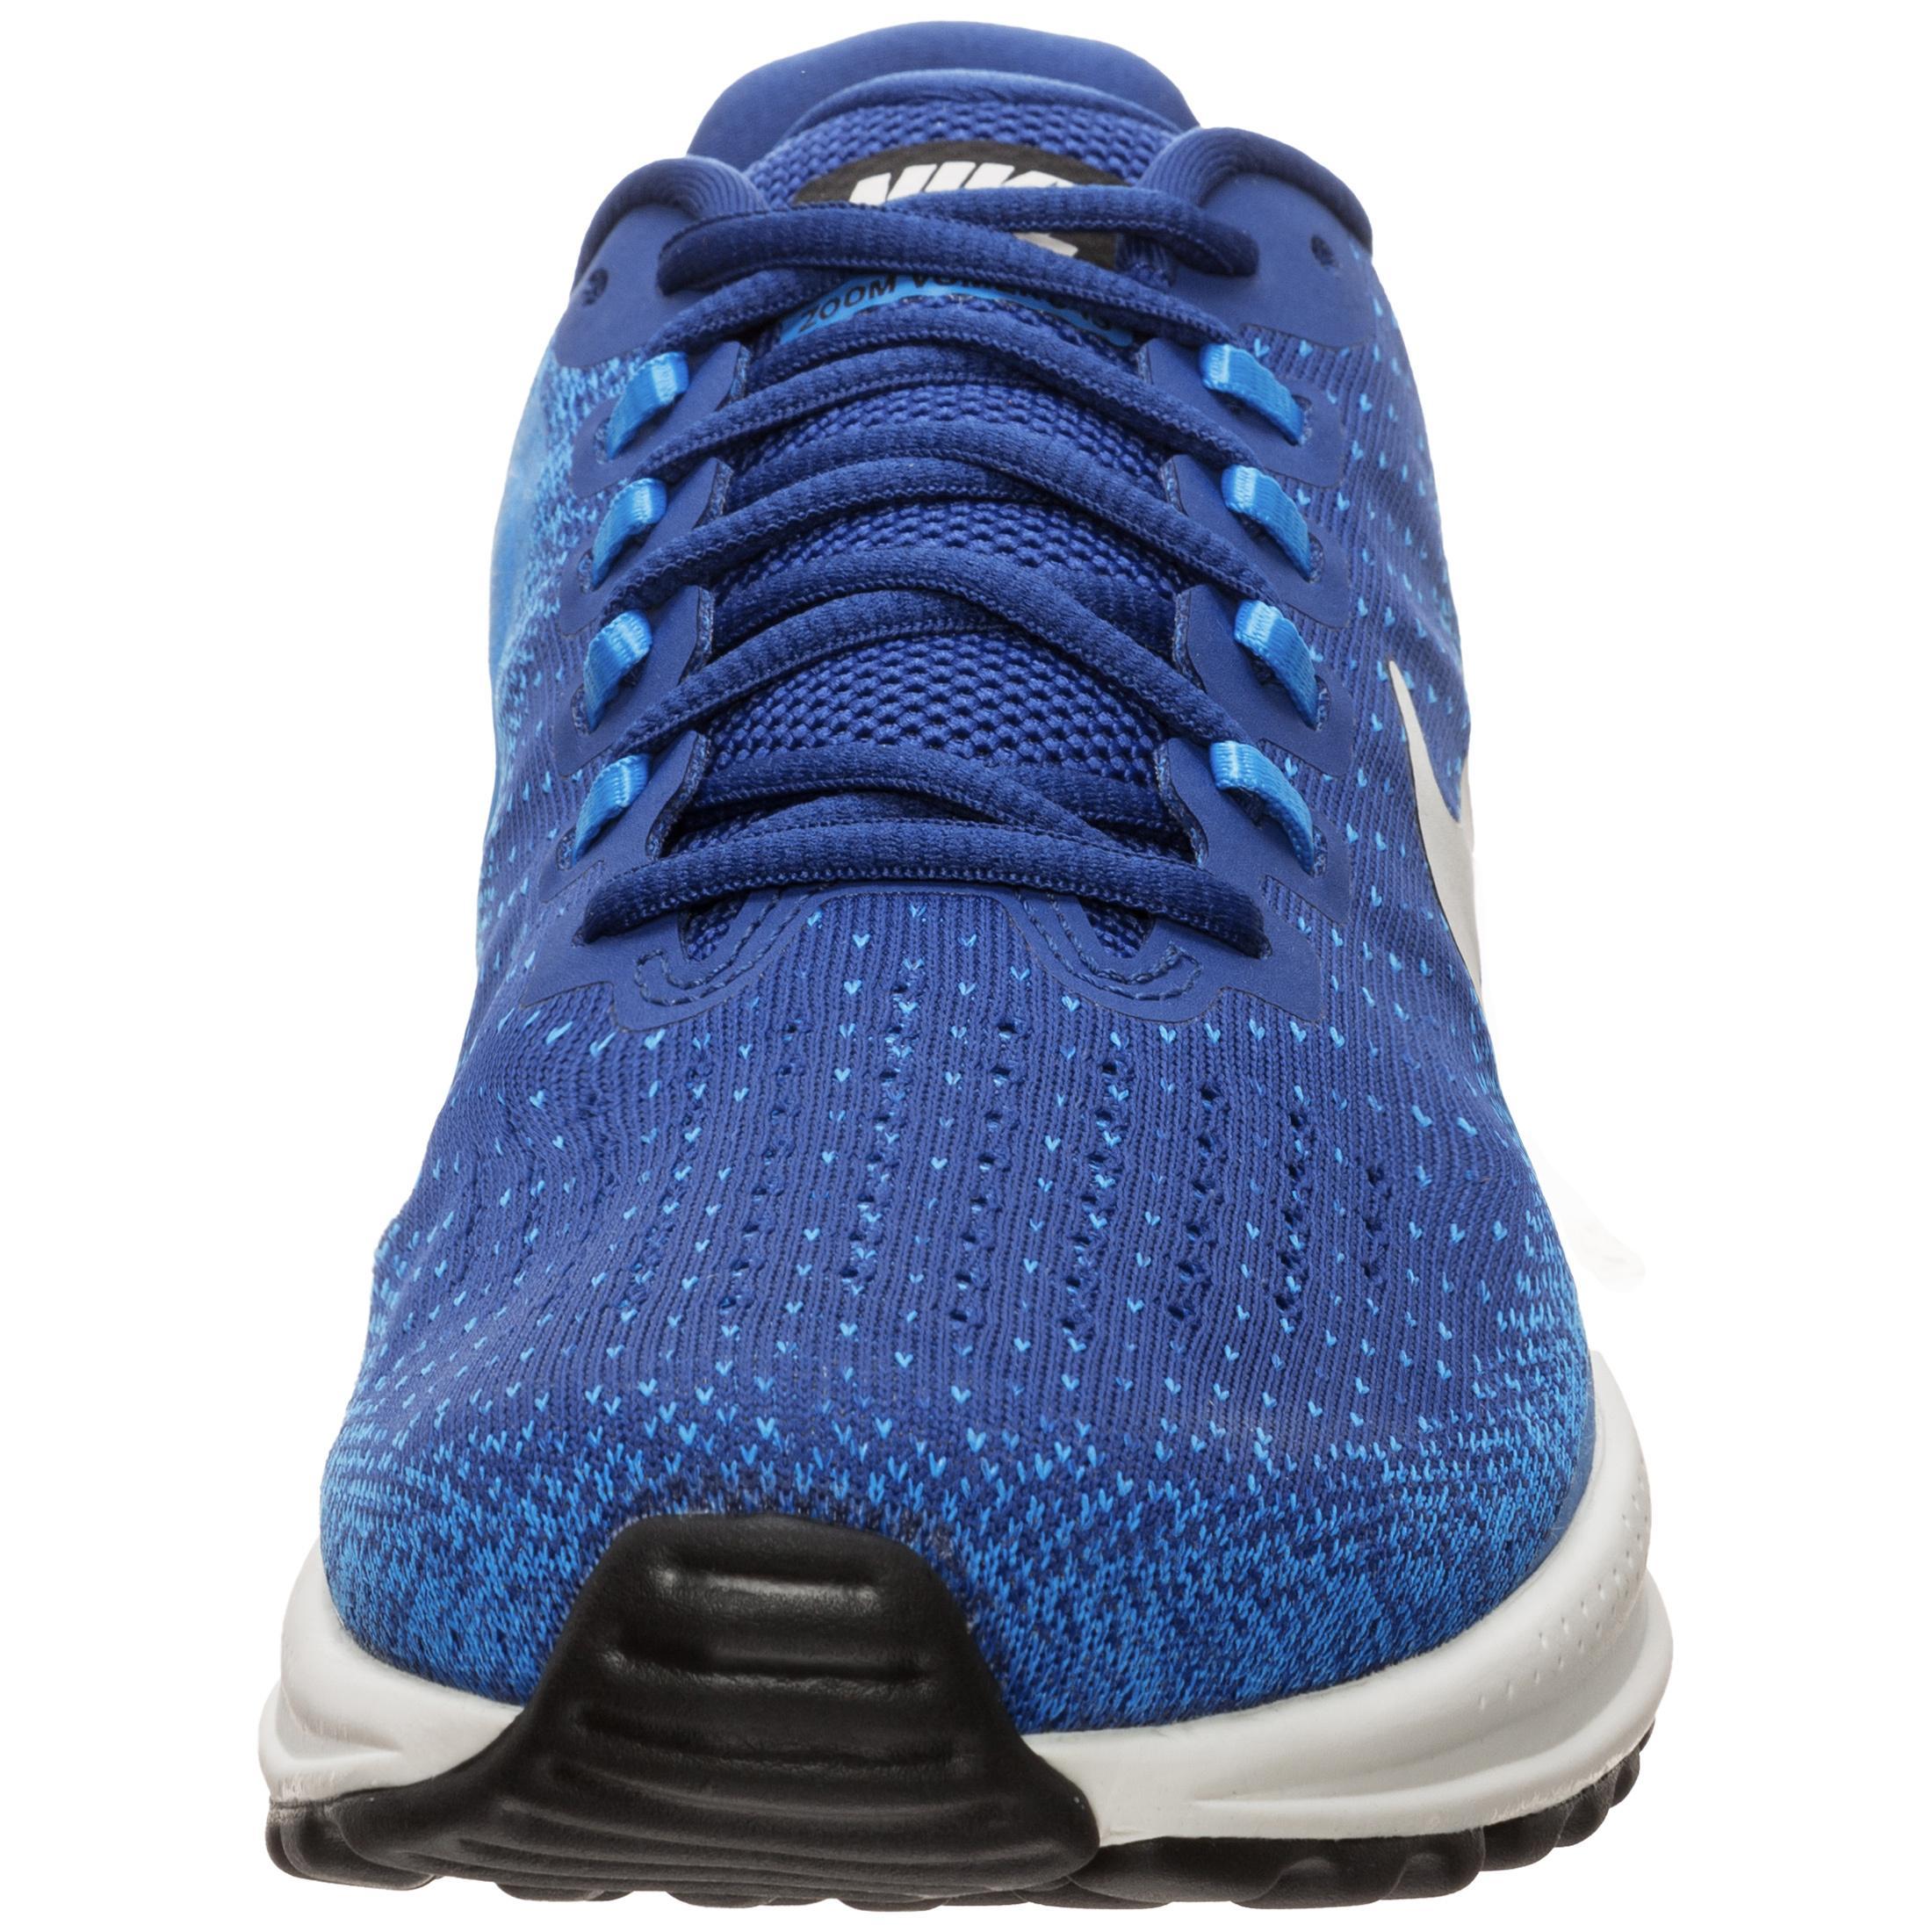 Nike Air Zoom Vomero 13 Laufschuhe Herren blau / beige beige beige im Online Shop von SportScheck kaufen Gute Qualität beliebte Schuhe c20c8c